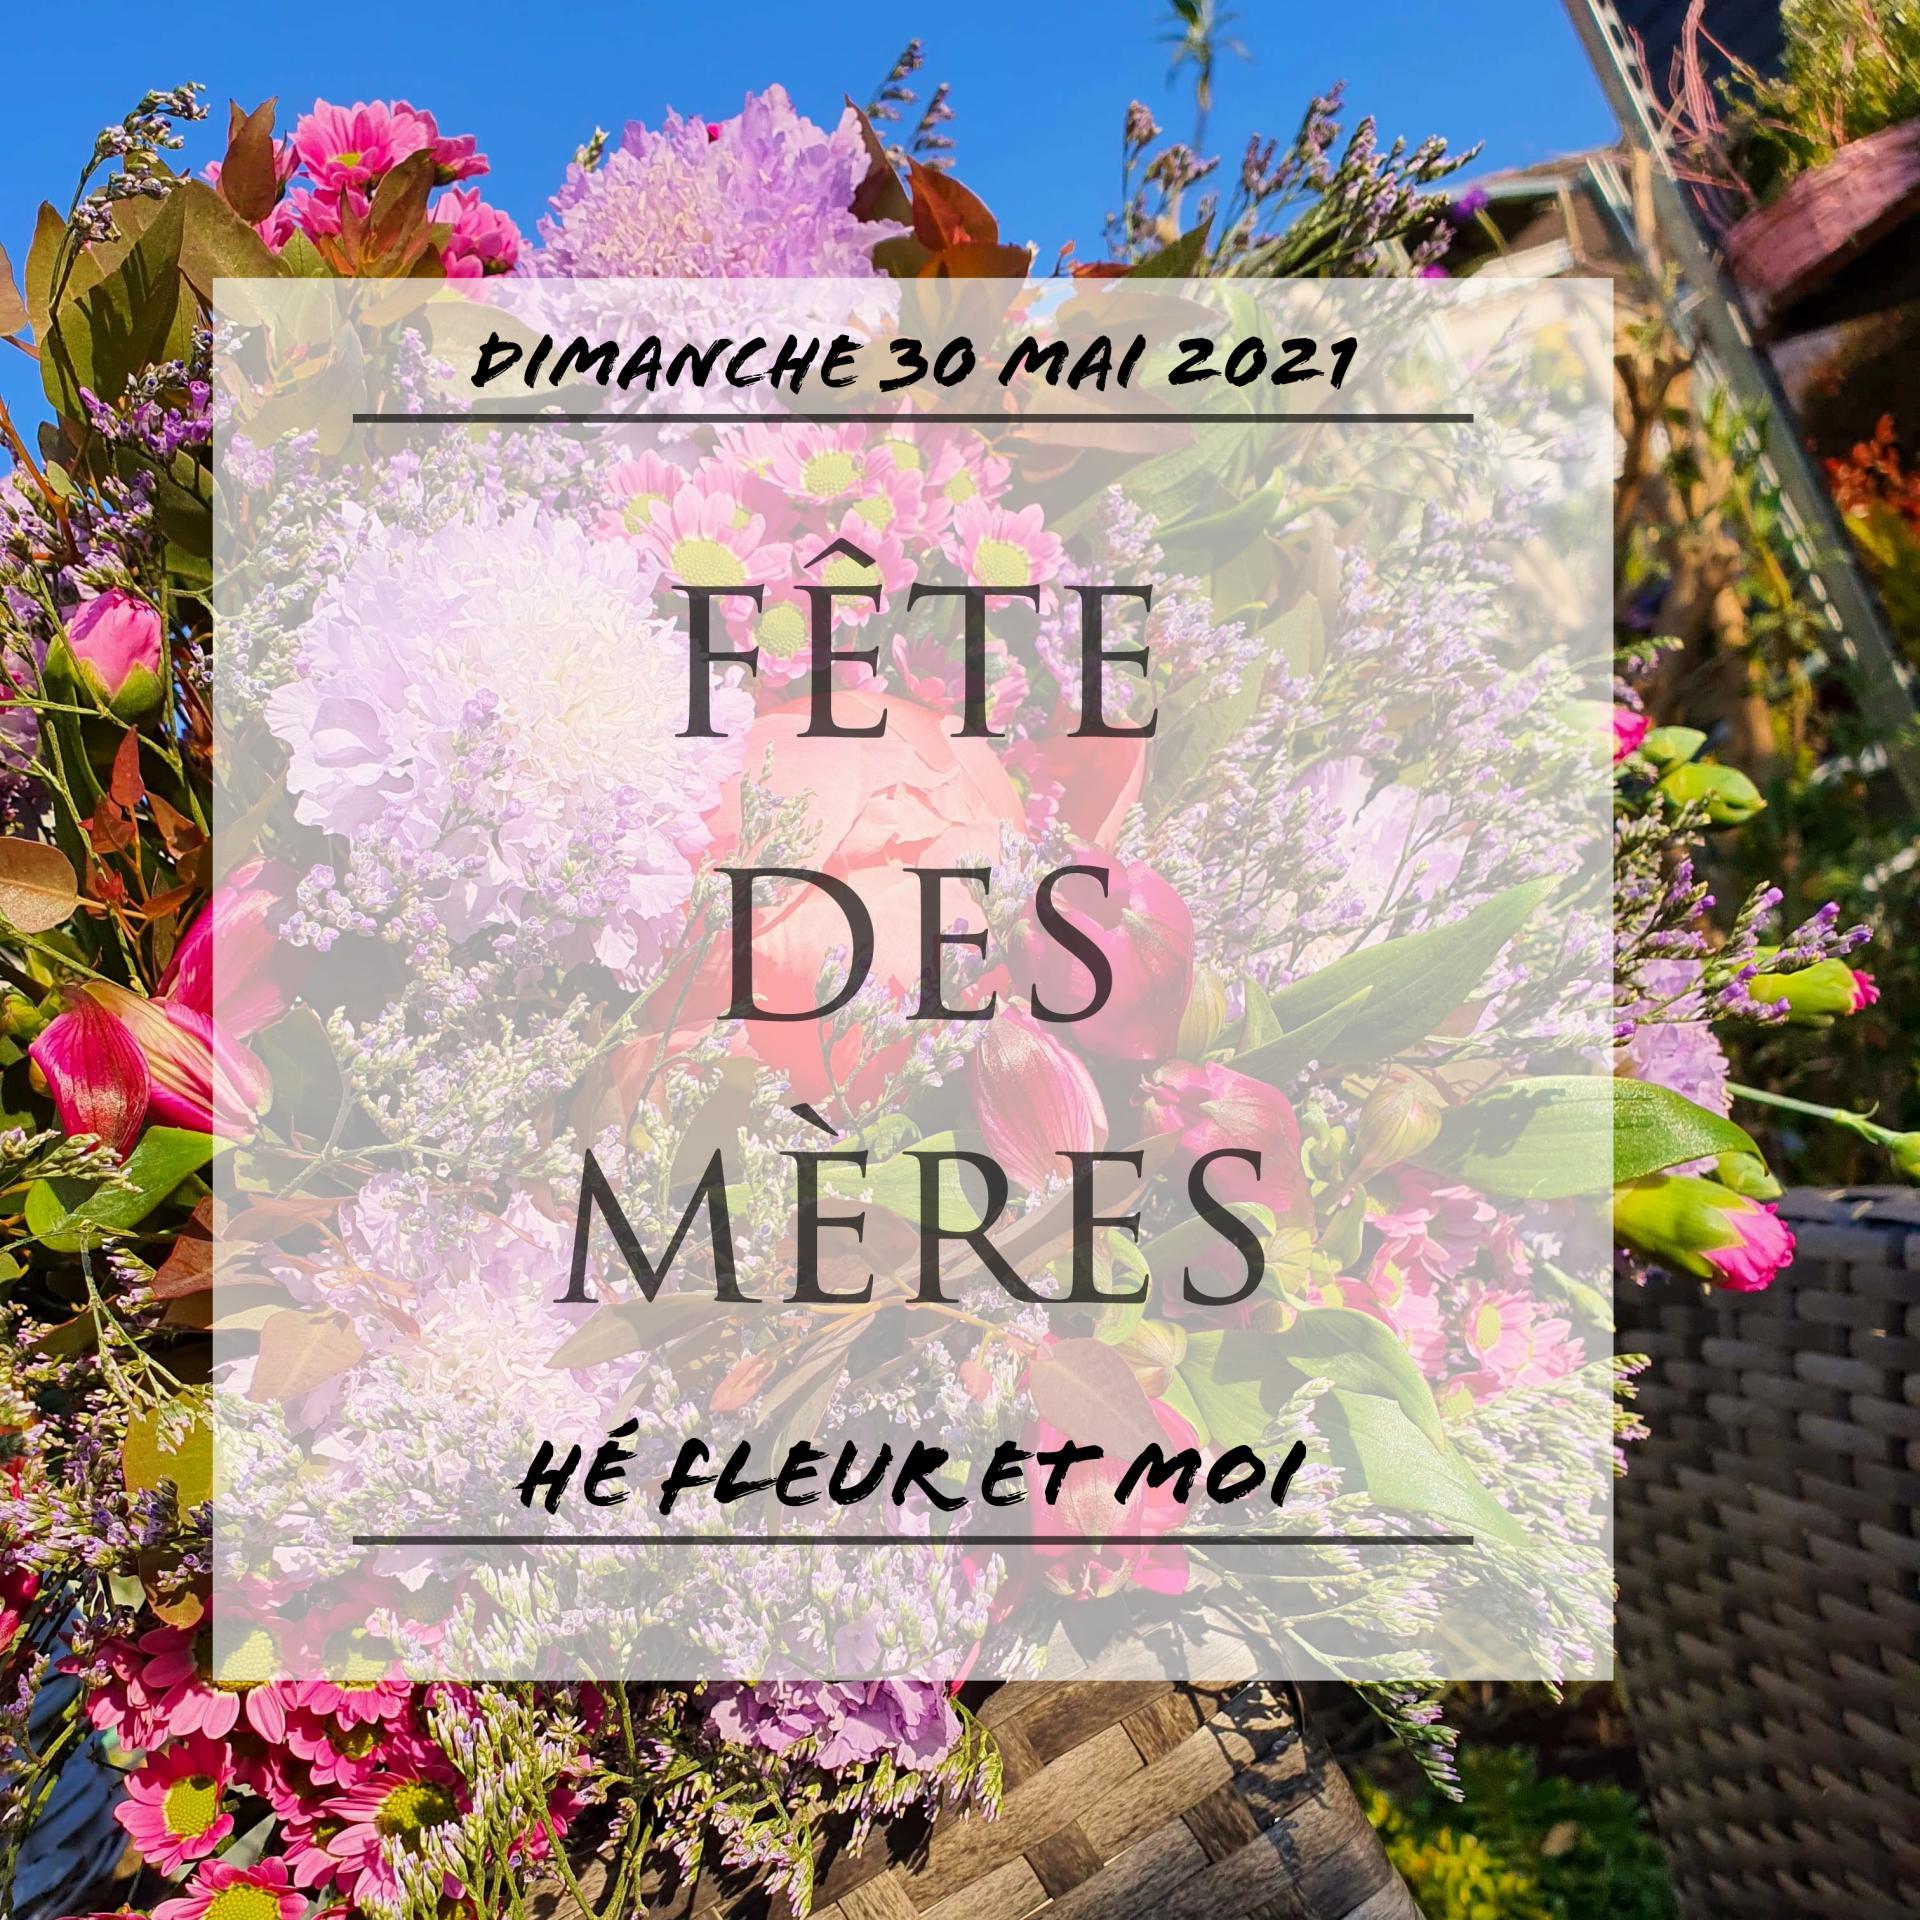 Fête des mères Valenciennes